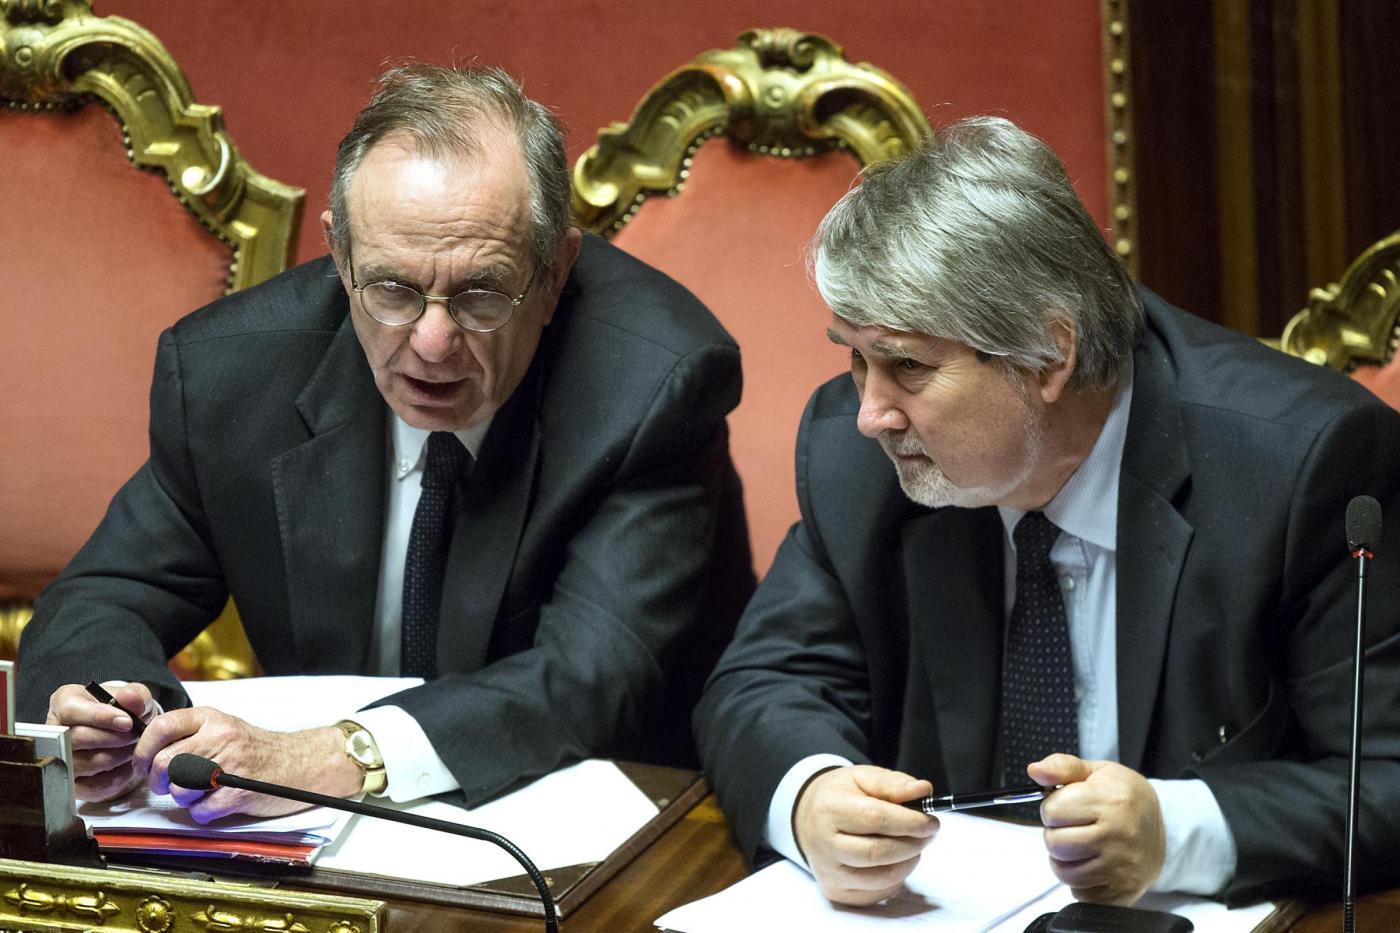 Senato Fiducia governo Renzi